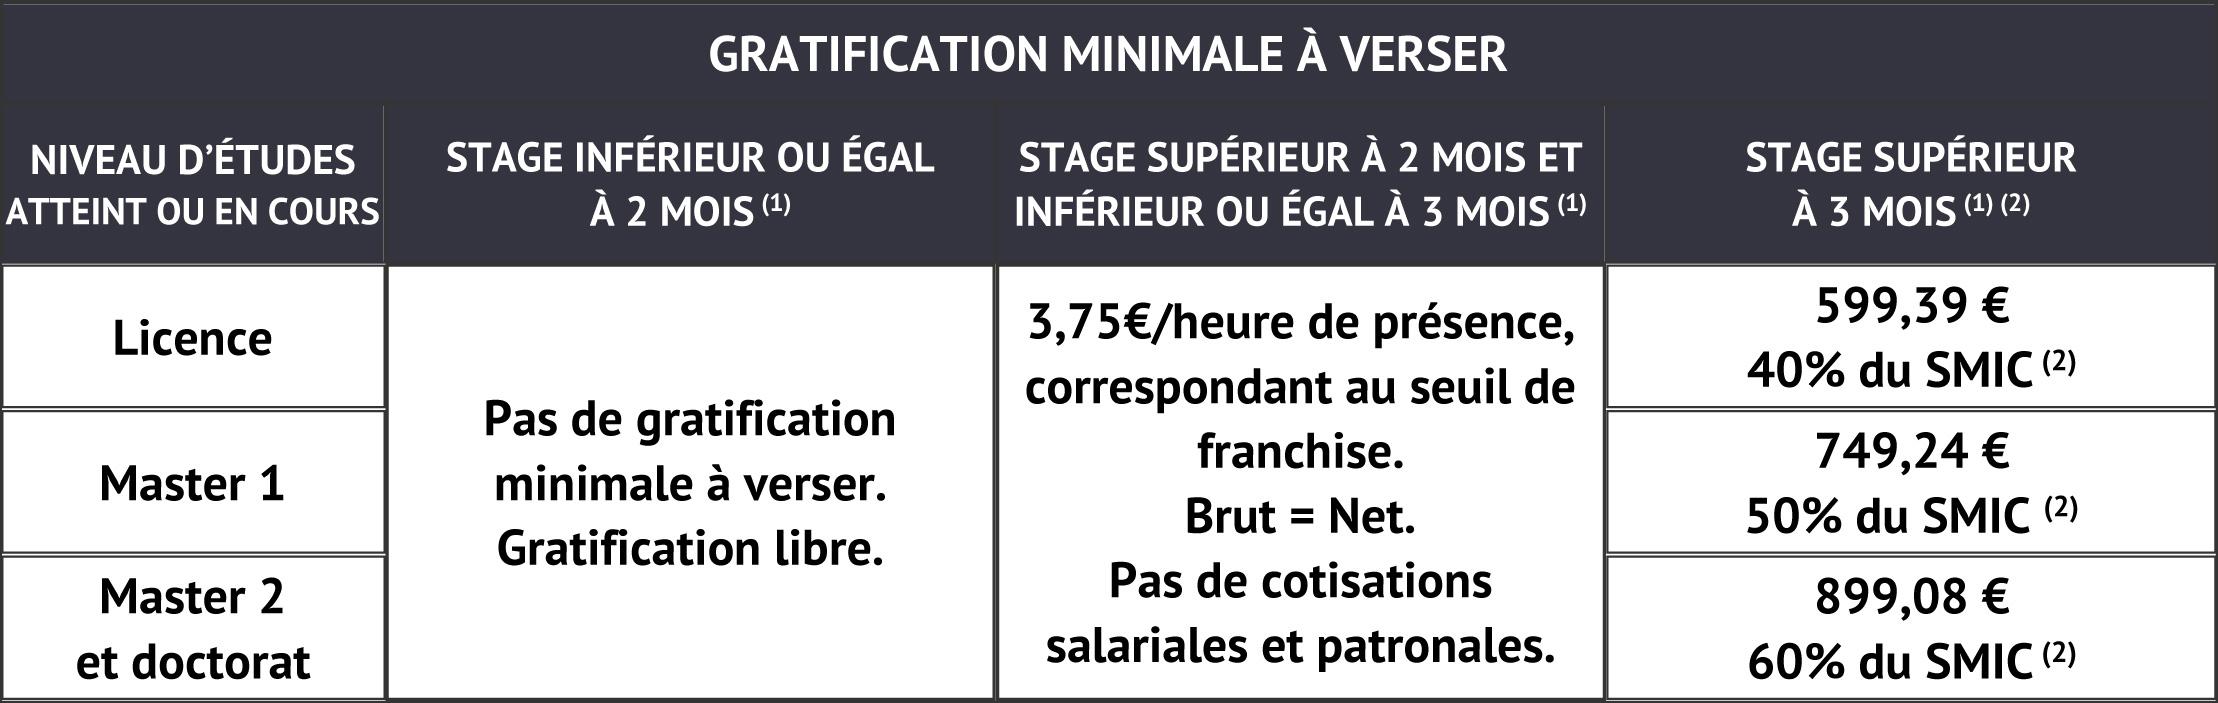 Gratifications 2018 Un Stagiaire A Tout Prix Anafagc